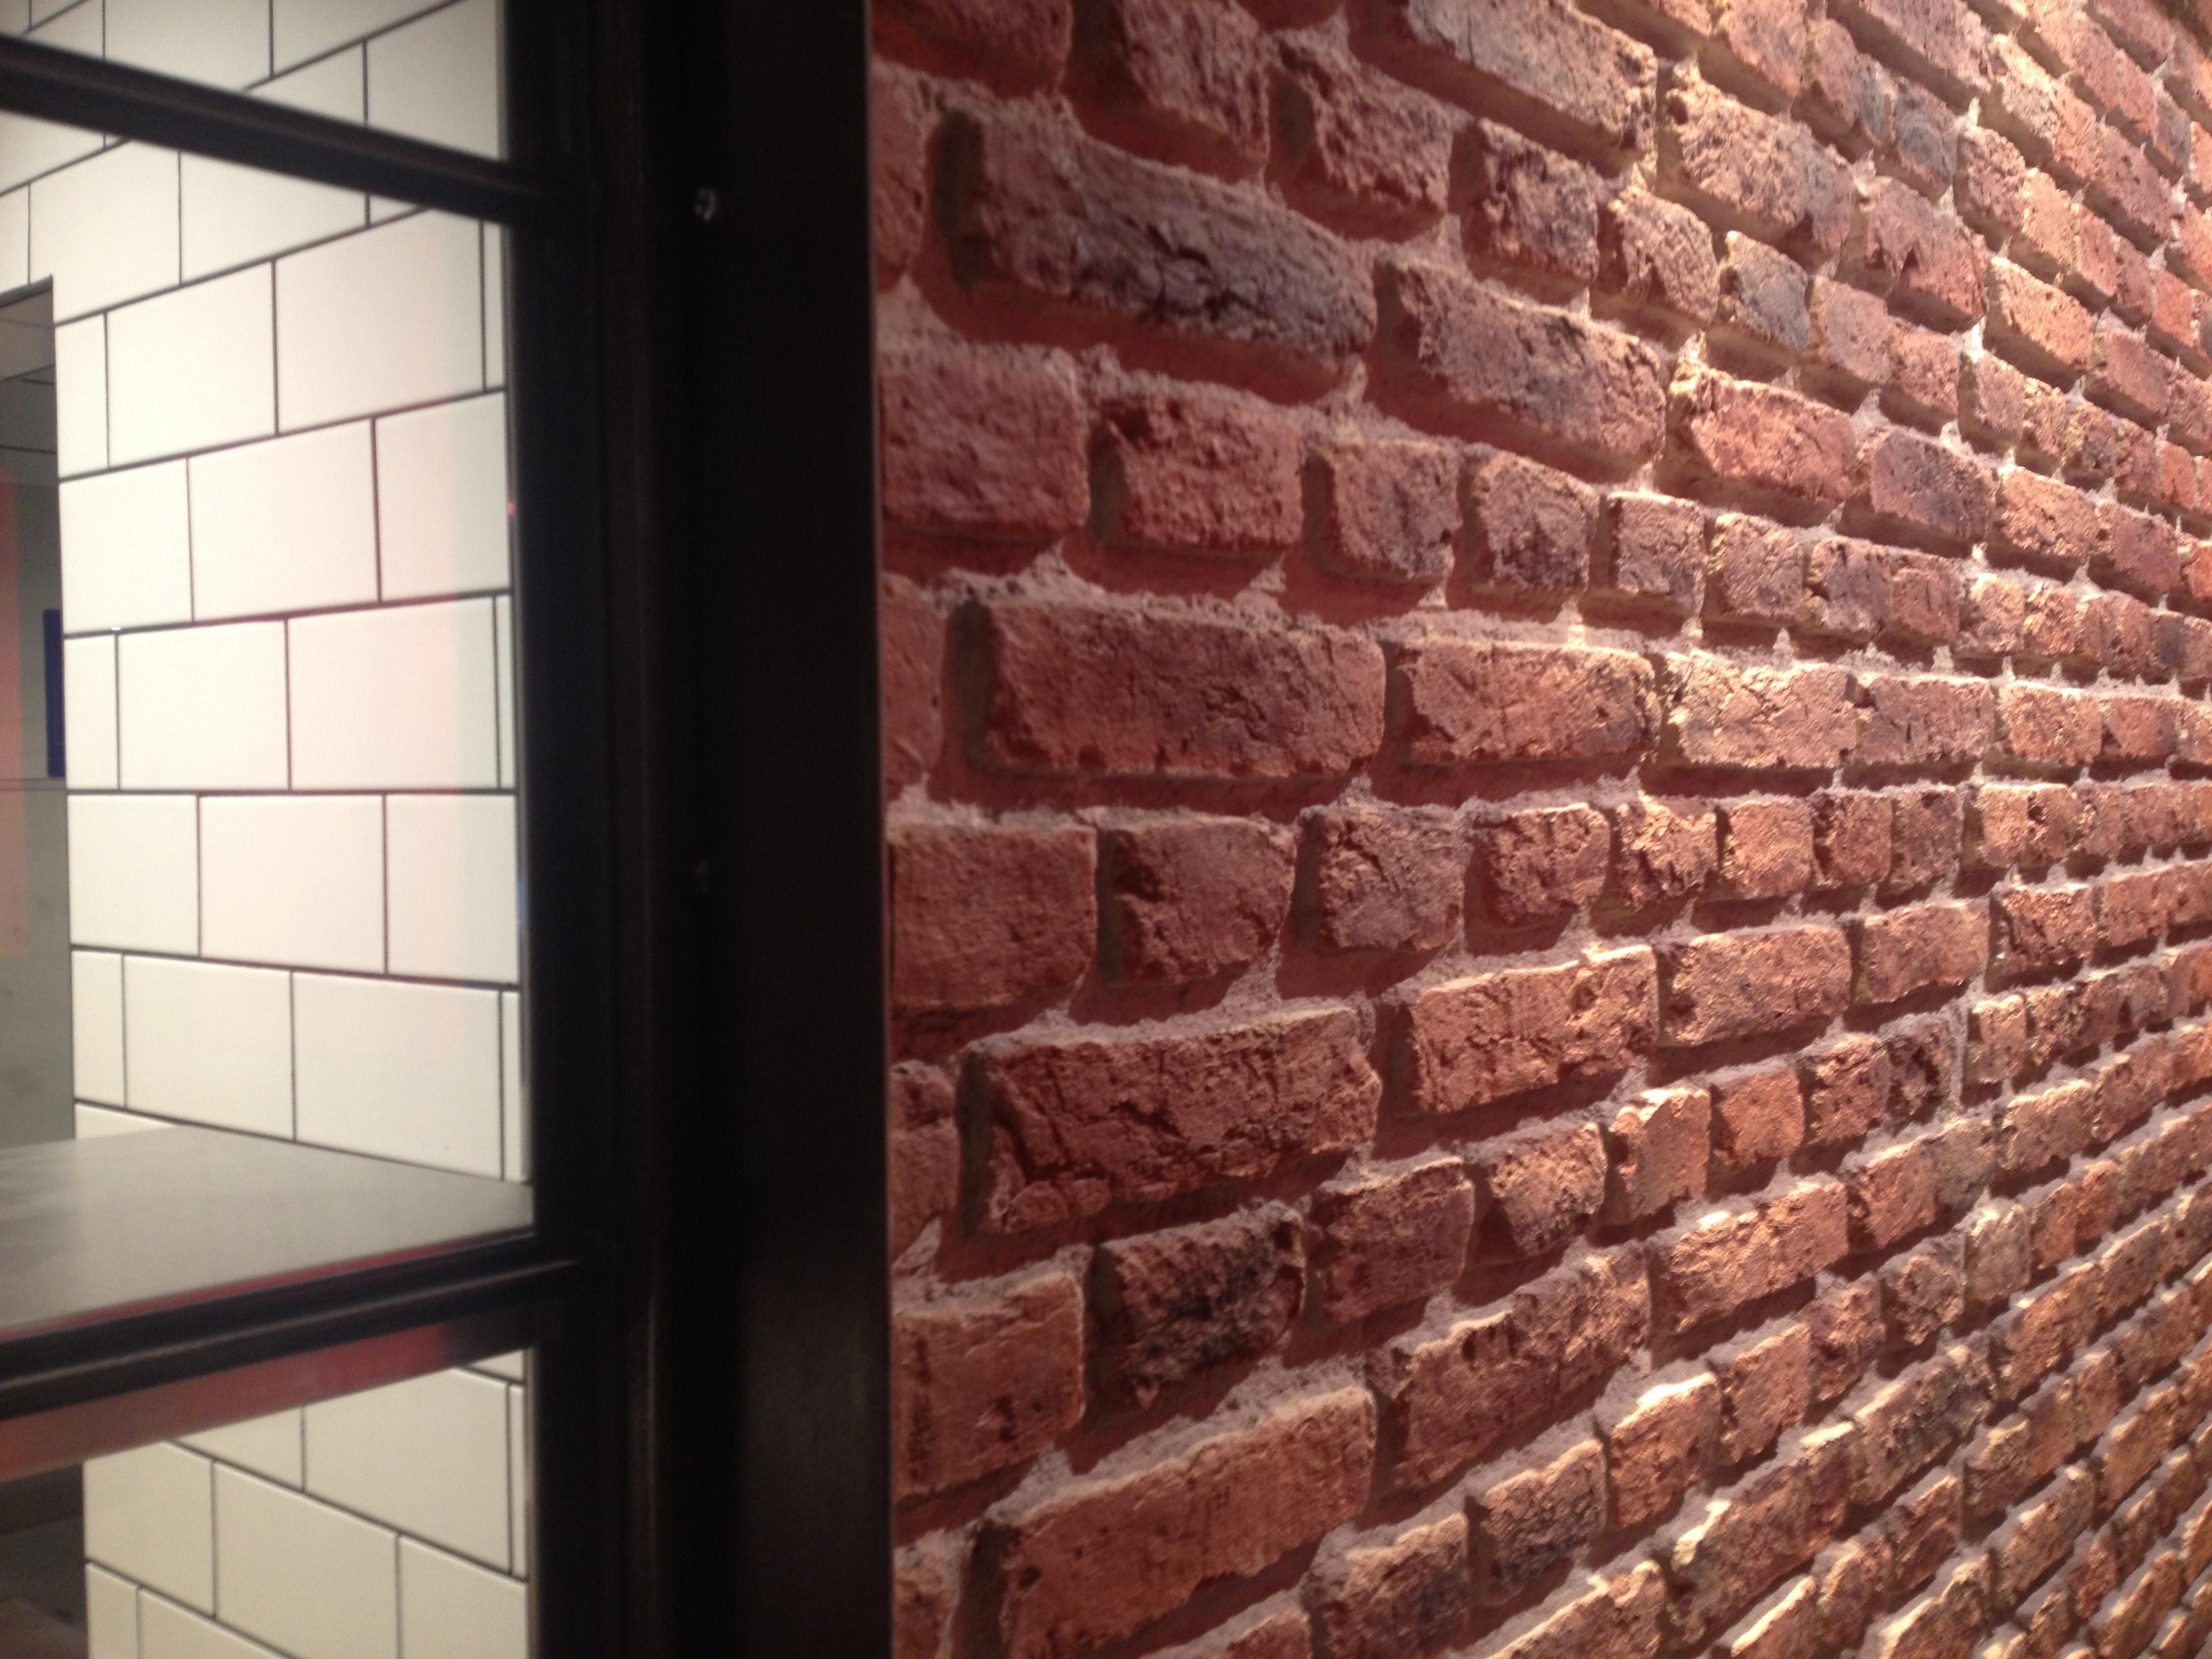 Panel de piedra ladrillo ingles en un restaurante - Placas decorativas para pared interior ...